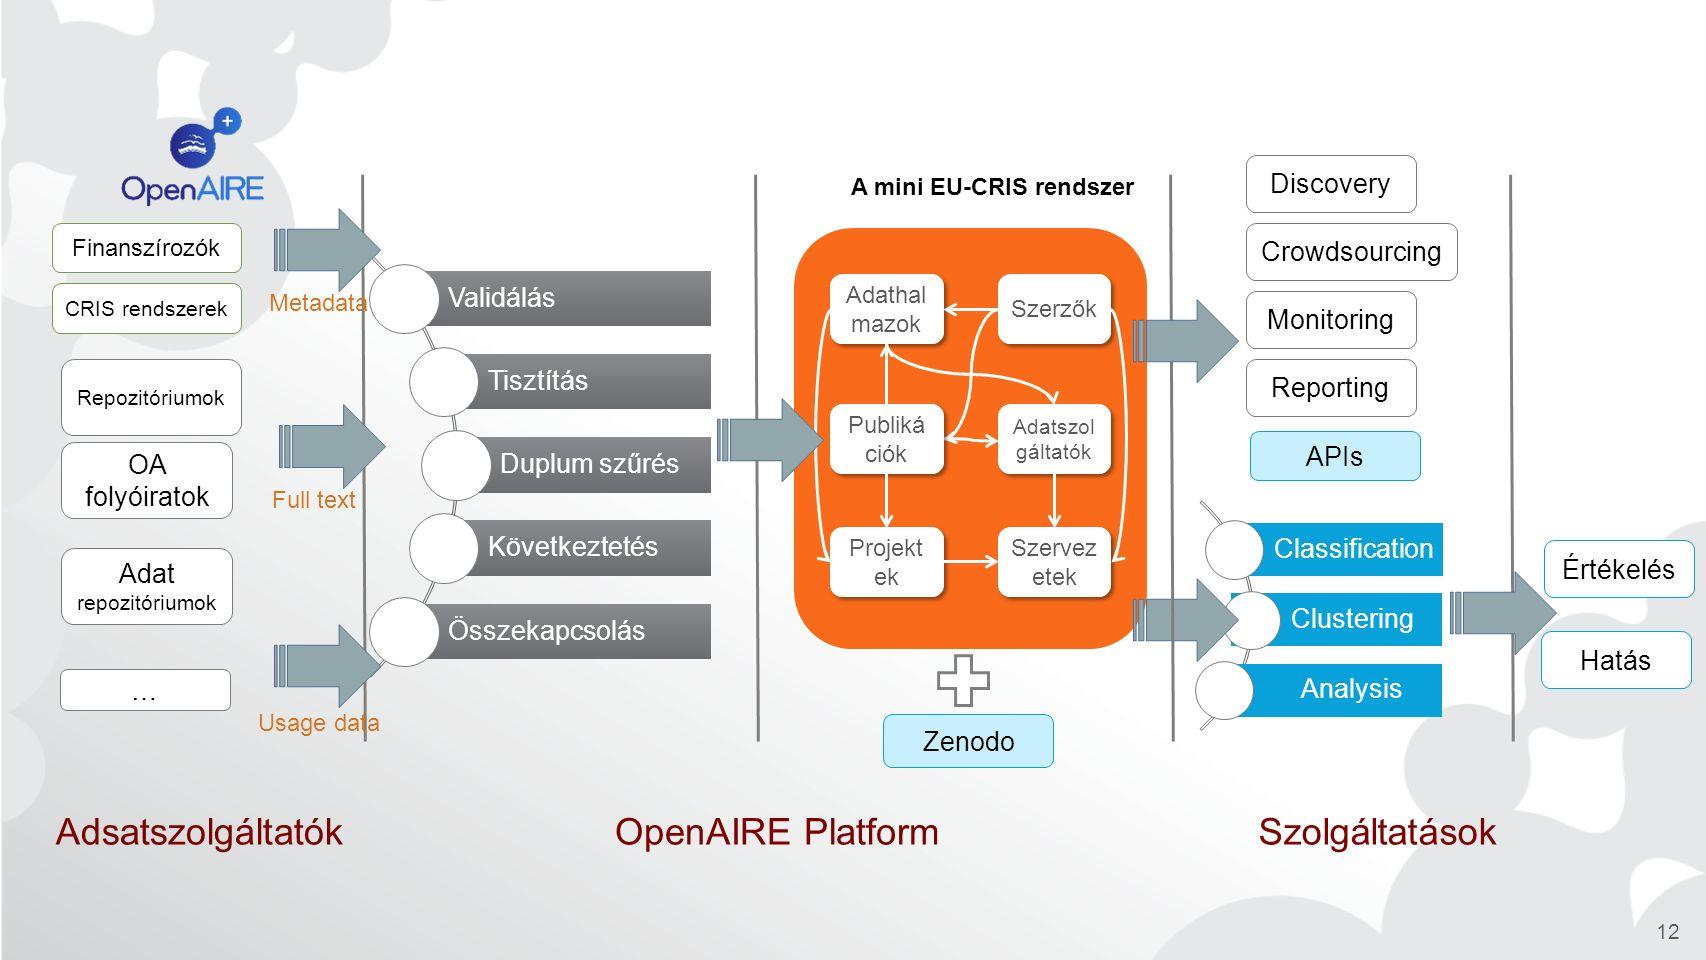 12 Repozitóriumok OA folyóiratok Finanszírozók Validálás Tisztítás Duplum szűrés Következtetés Összekapcsolás Szervez etek Projekt ek Szerzők Adathal mazok Publiká ciók Adatszol gáltatók … Monitoring Reporting Értékelés Hatás Classification Clustering Analysis CRIS rendszerek A mini EU-CRIS rendszer Adat repozitóriumok Metadata Full text Usage data Discovery Crowdsourcing Zenodo APIs AdsatszolgáltatókOpenAIRE PlatformSzolgáltatások